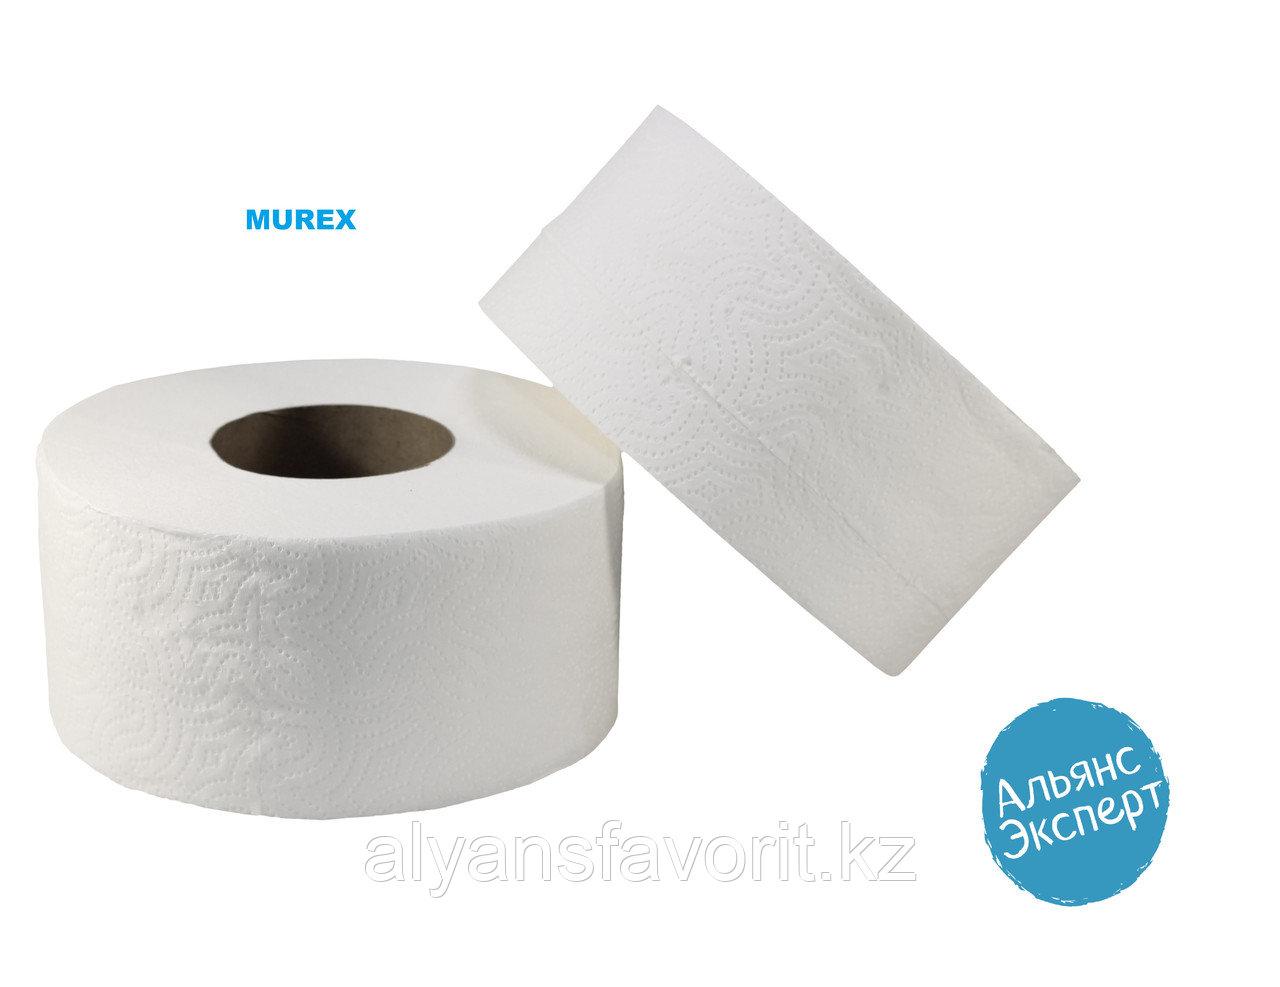 Туалетная бумага Jambo 150 м, 12 рул. в упаковке. MUREX